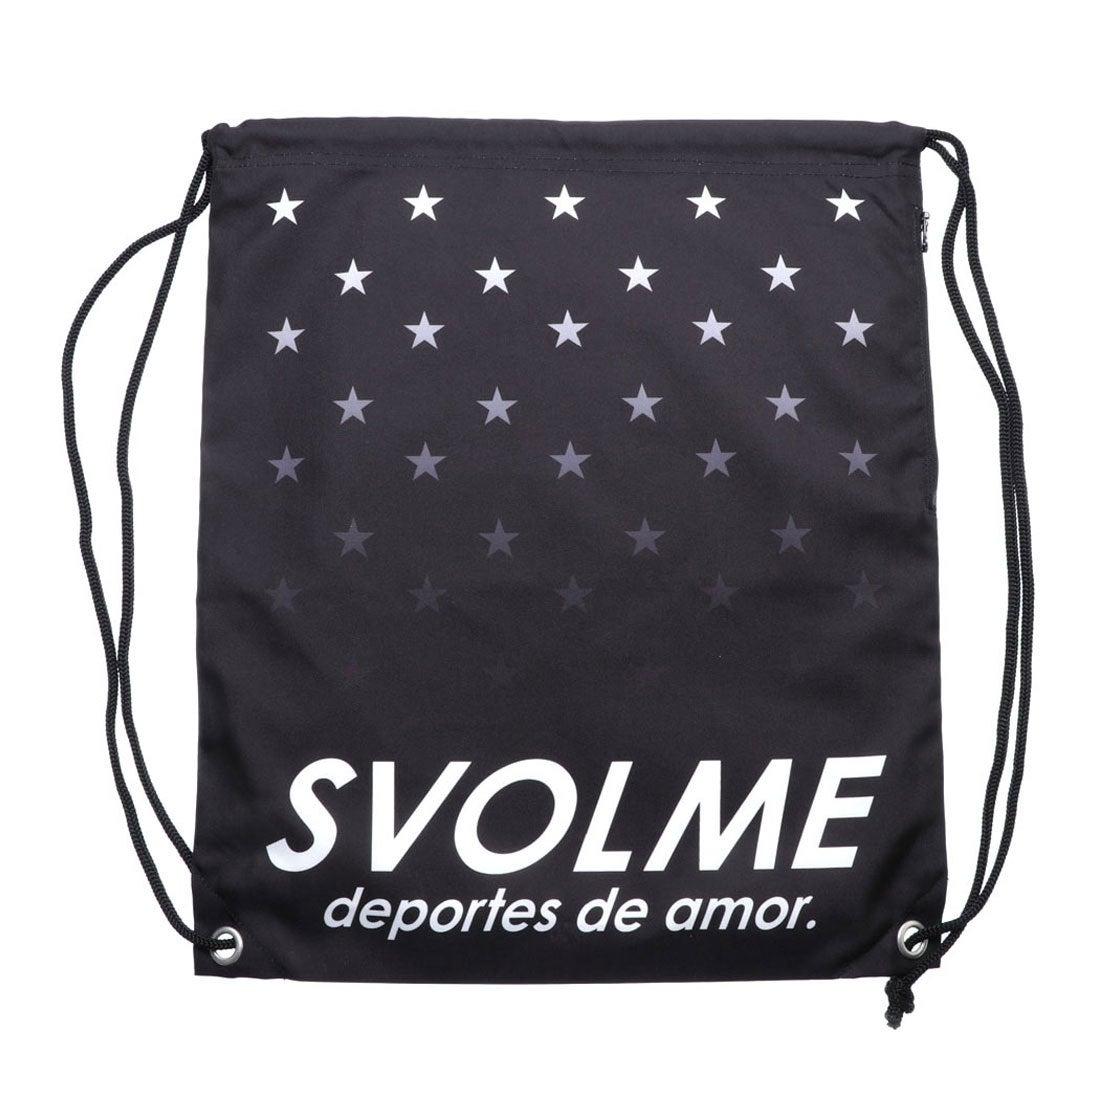 スボルメ SVOLME サッカー フットサル マルチバッグ ジムサック 181-69329